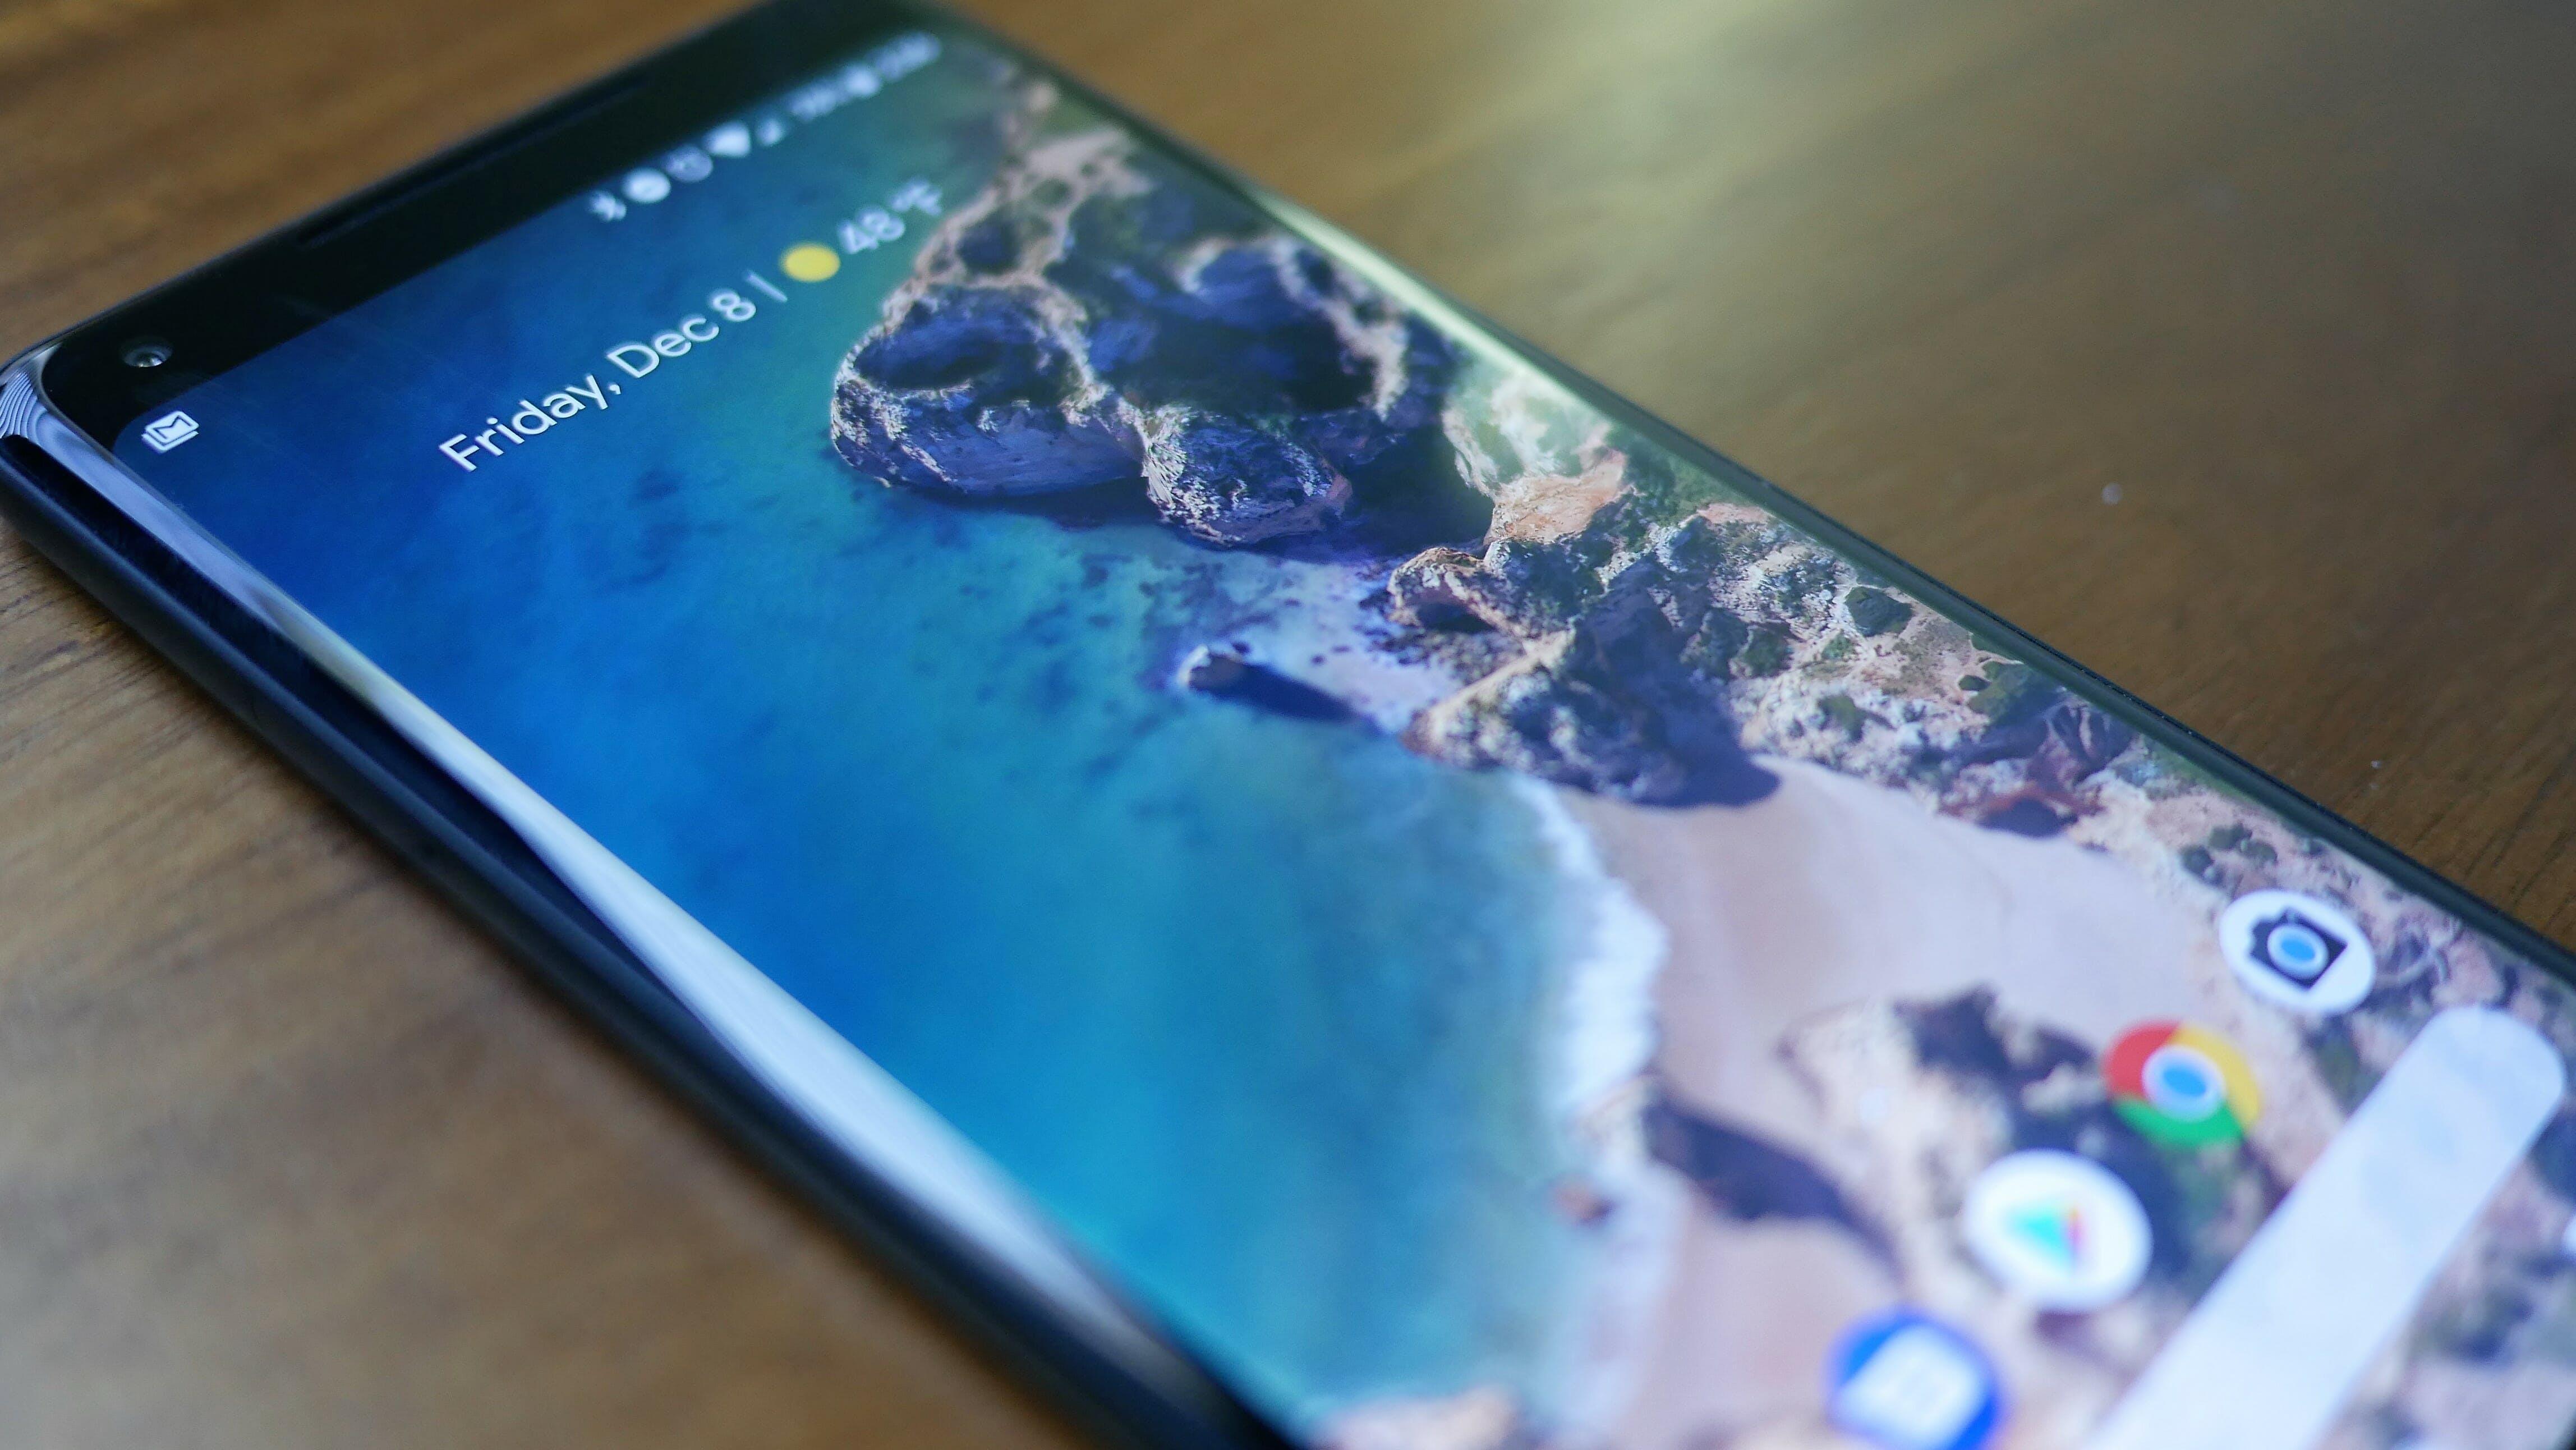 project fi phones - google pixel 2 xl smartphone